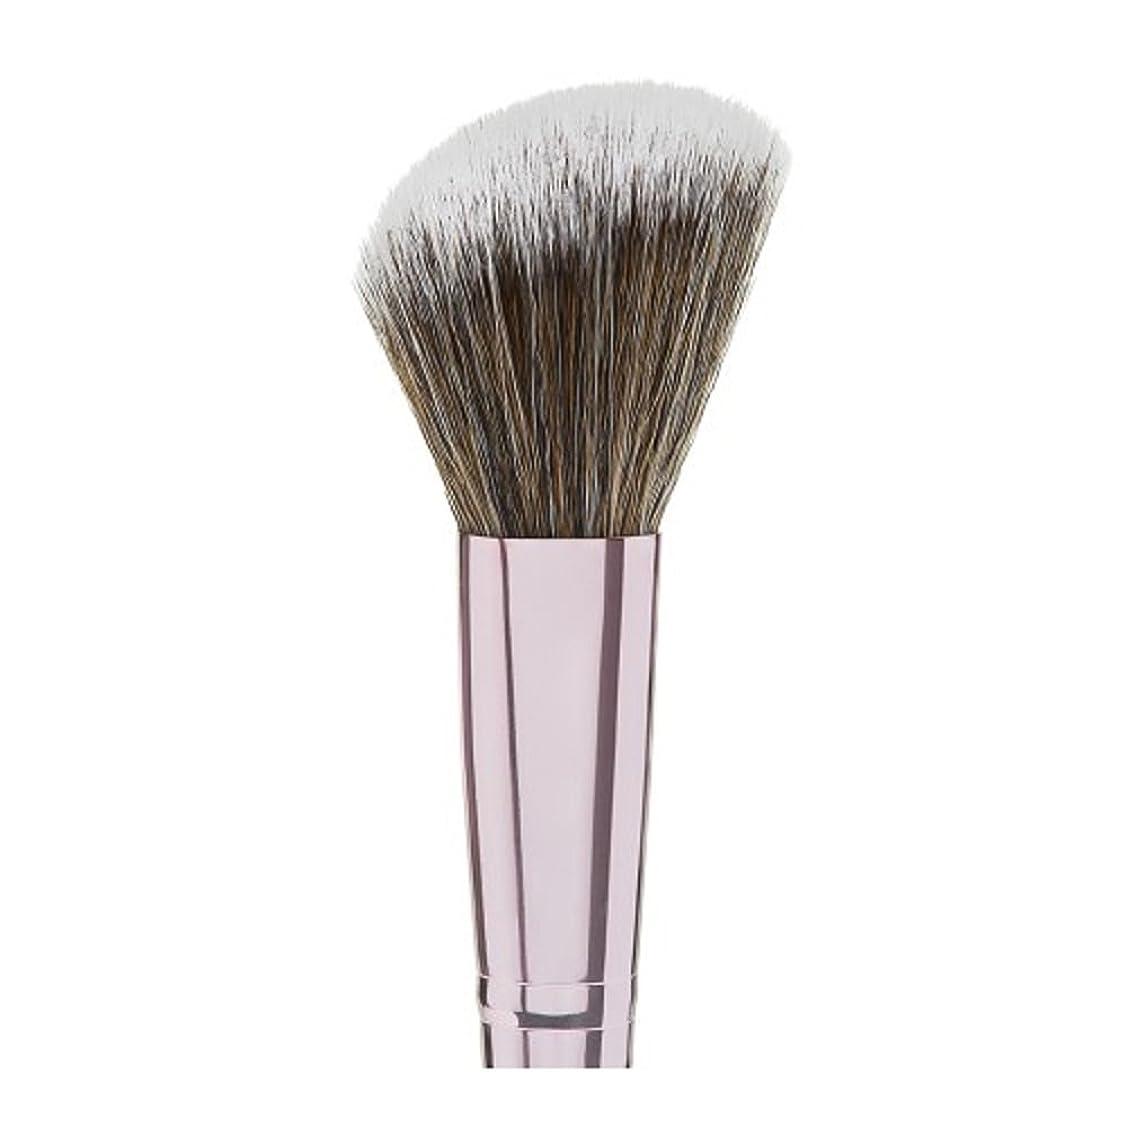 ピービッシュおとなしいグリーンランドBHCosmetics BH化粧品ビーガンブラシ、No.V3 等高線